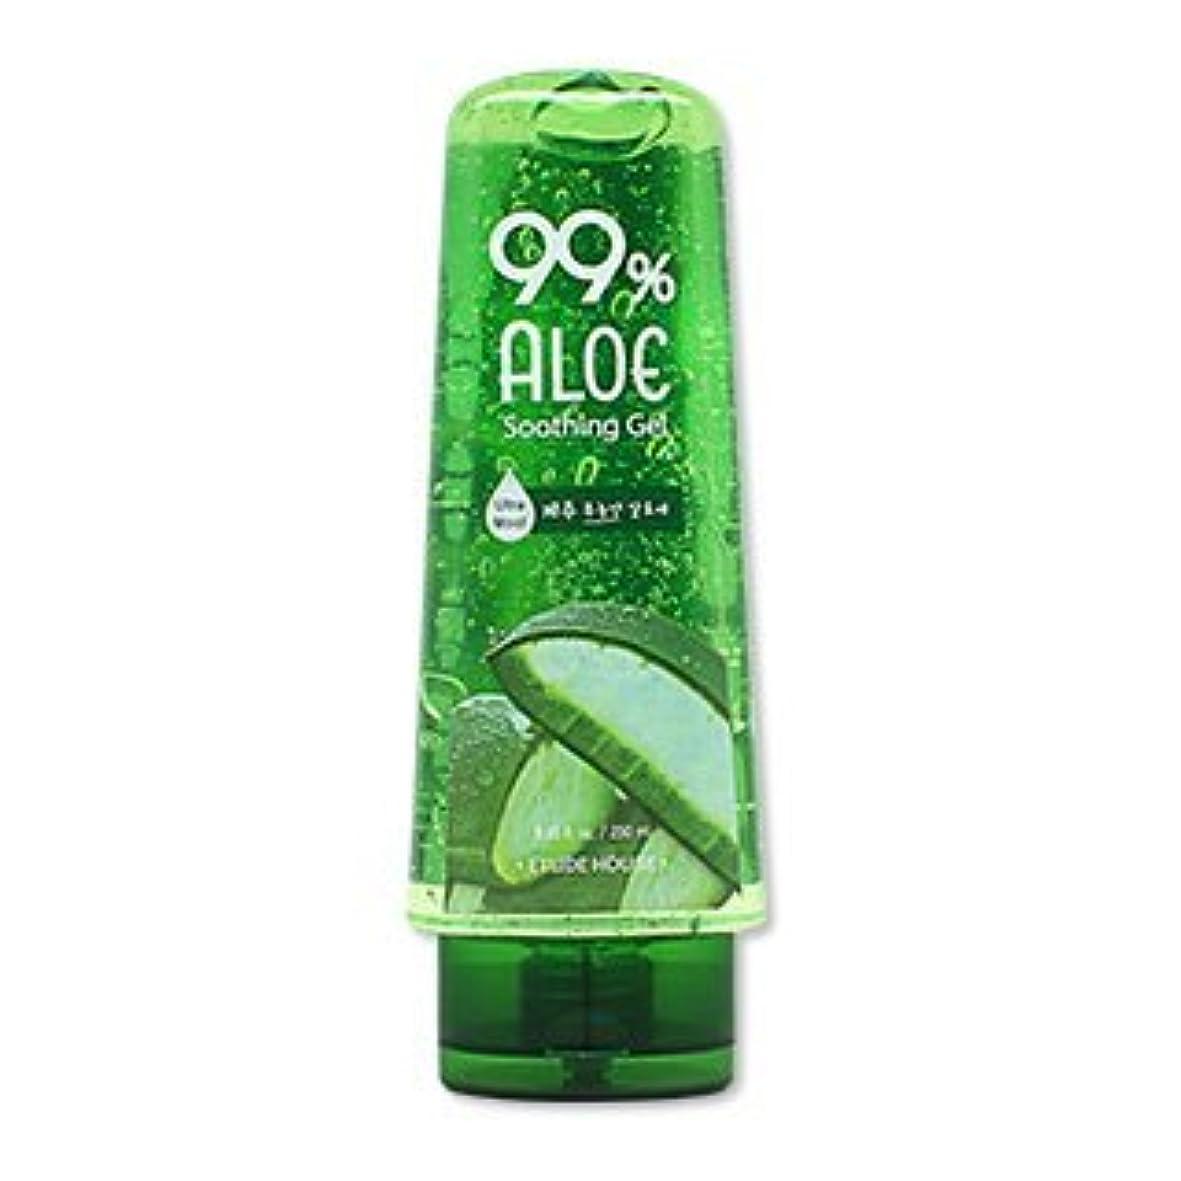 符号軍成功ETUDE HOUSE 99% Aloe Soothing Gel 250ml/エチュードハウス 99% アロエ スージング ジェル 250ml